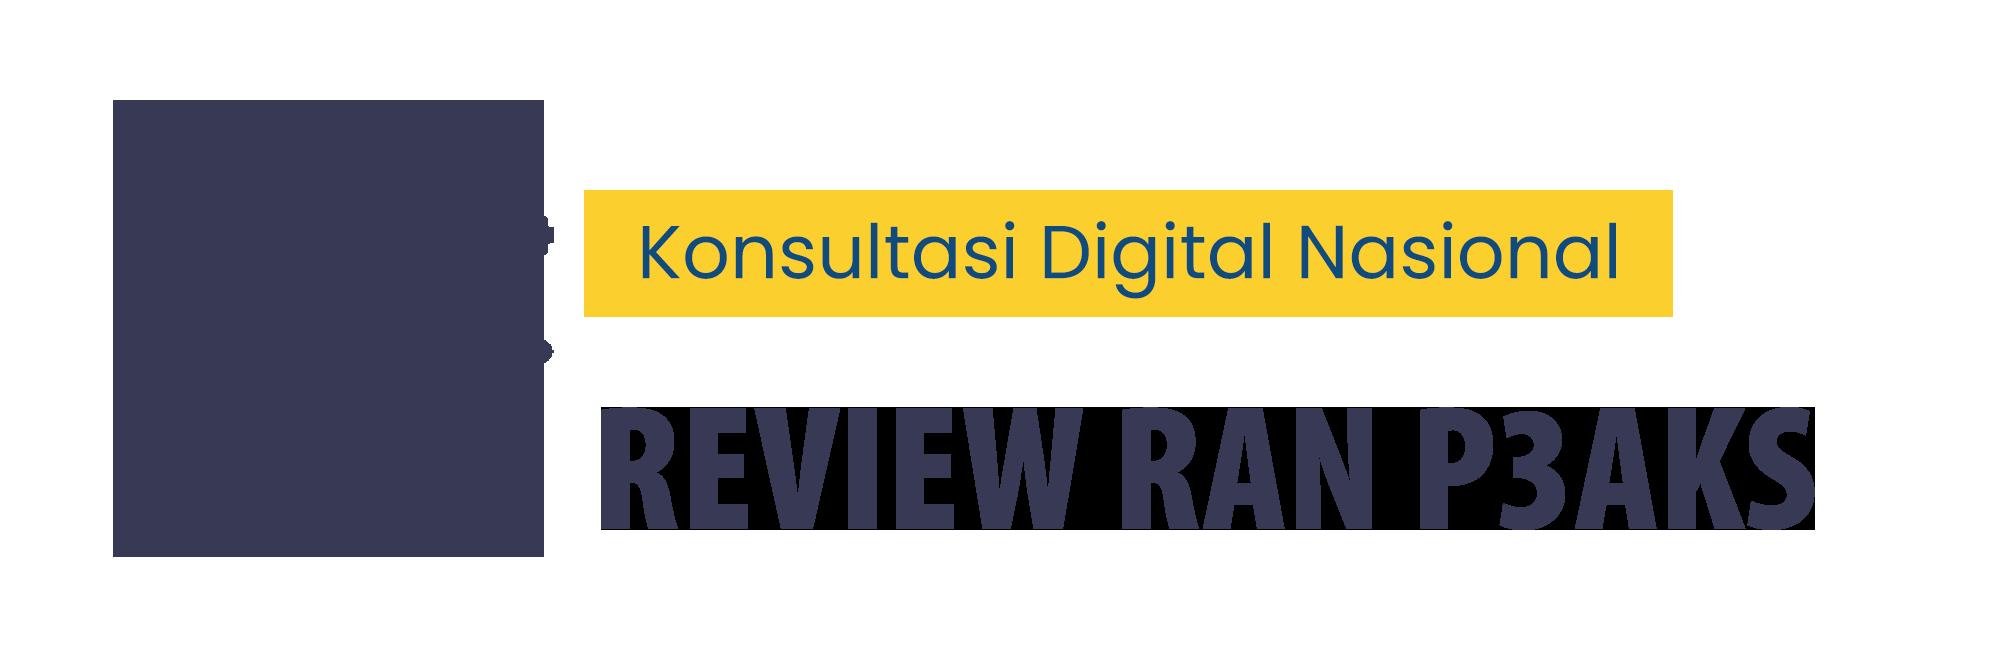 Konsultasi Digital Nasional